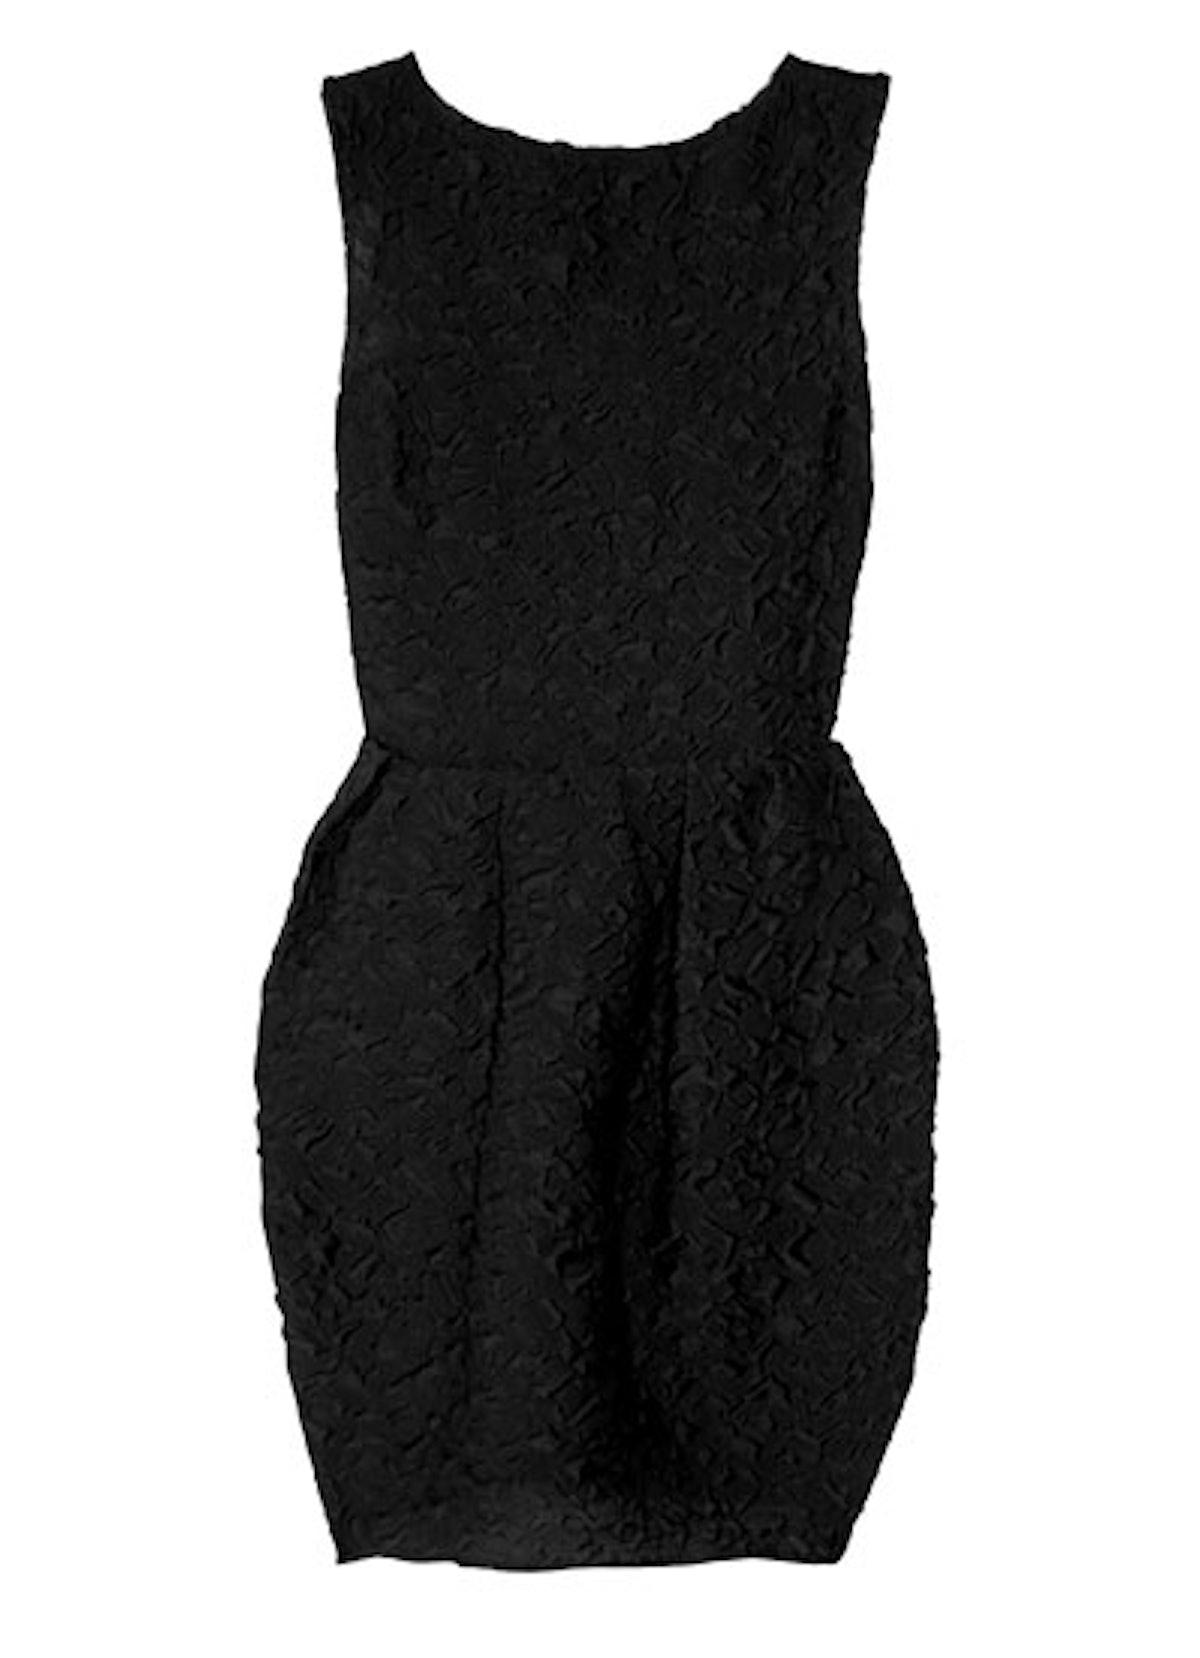 fass-little-black-dresses-09-v.jpg